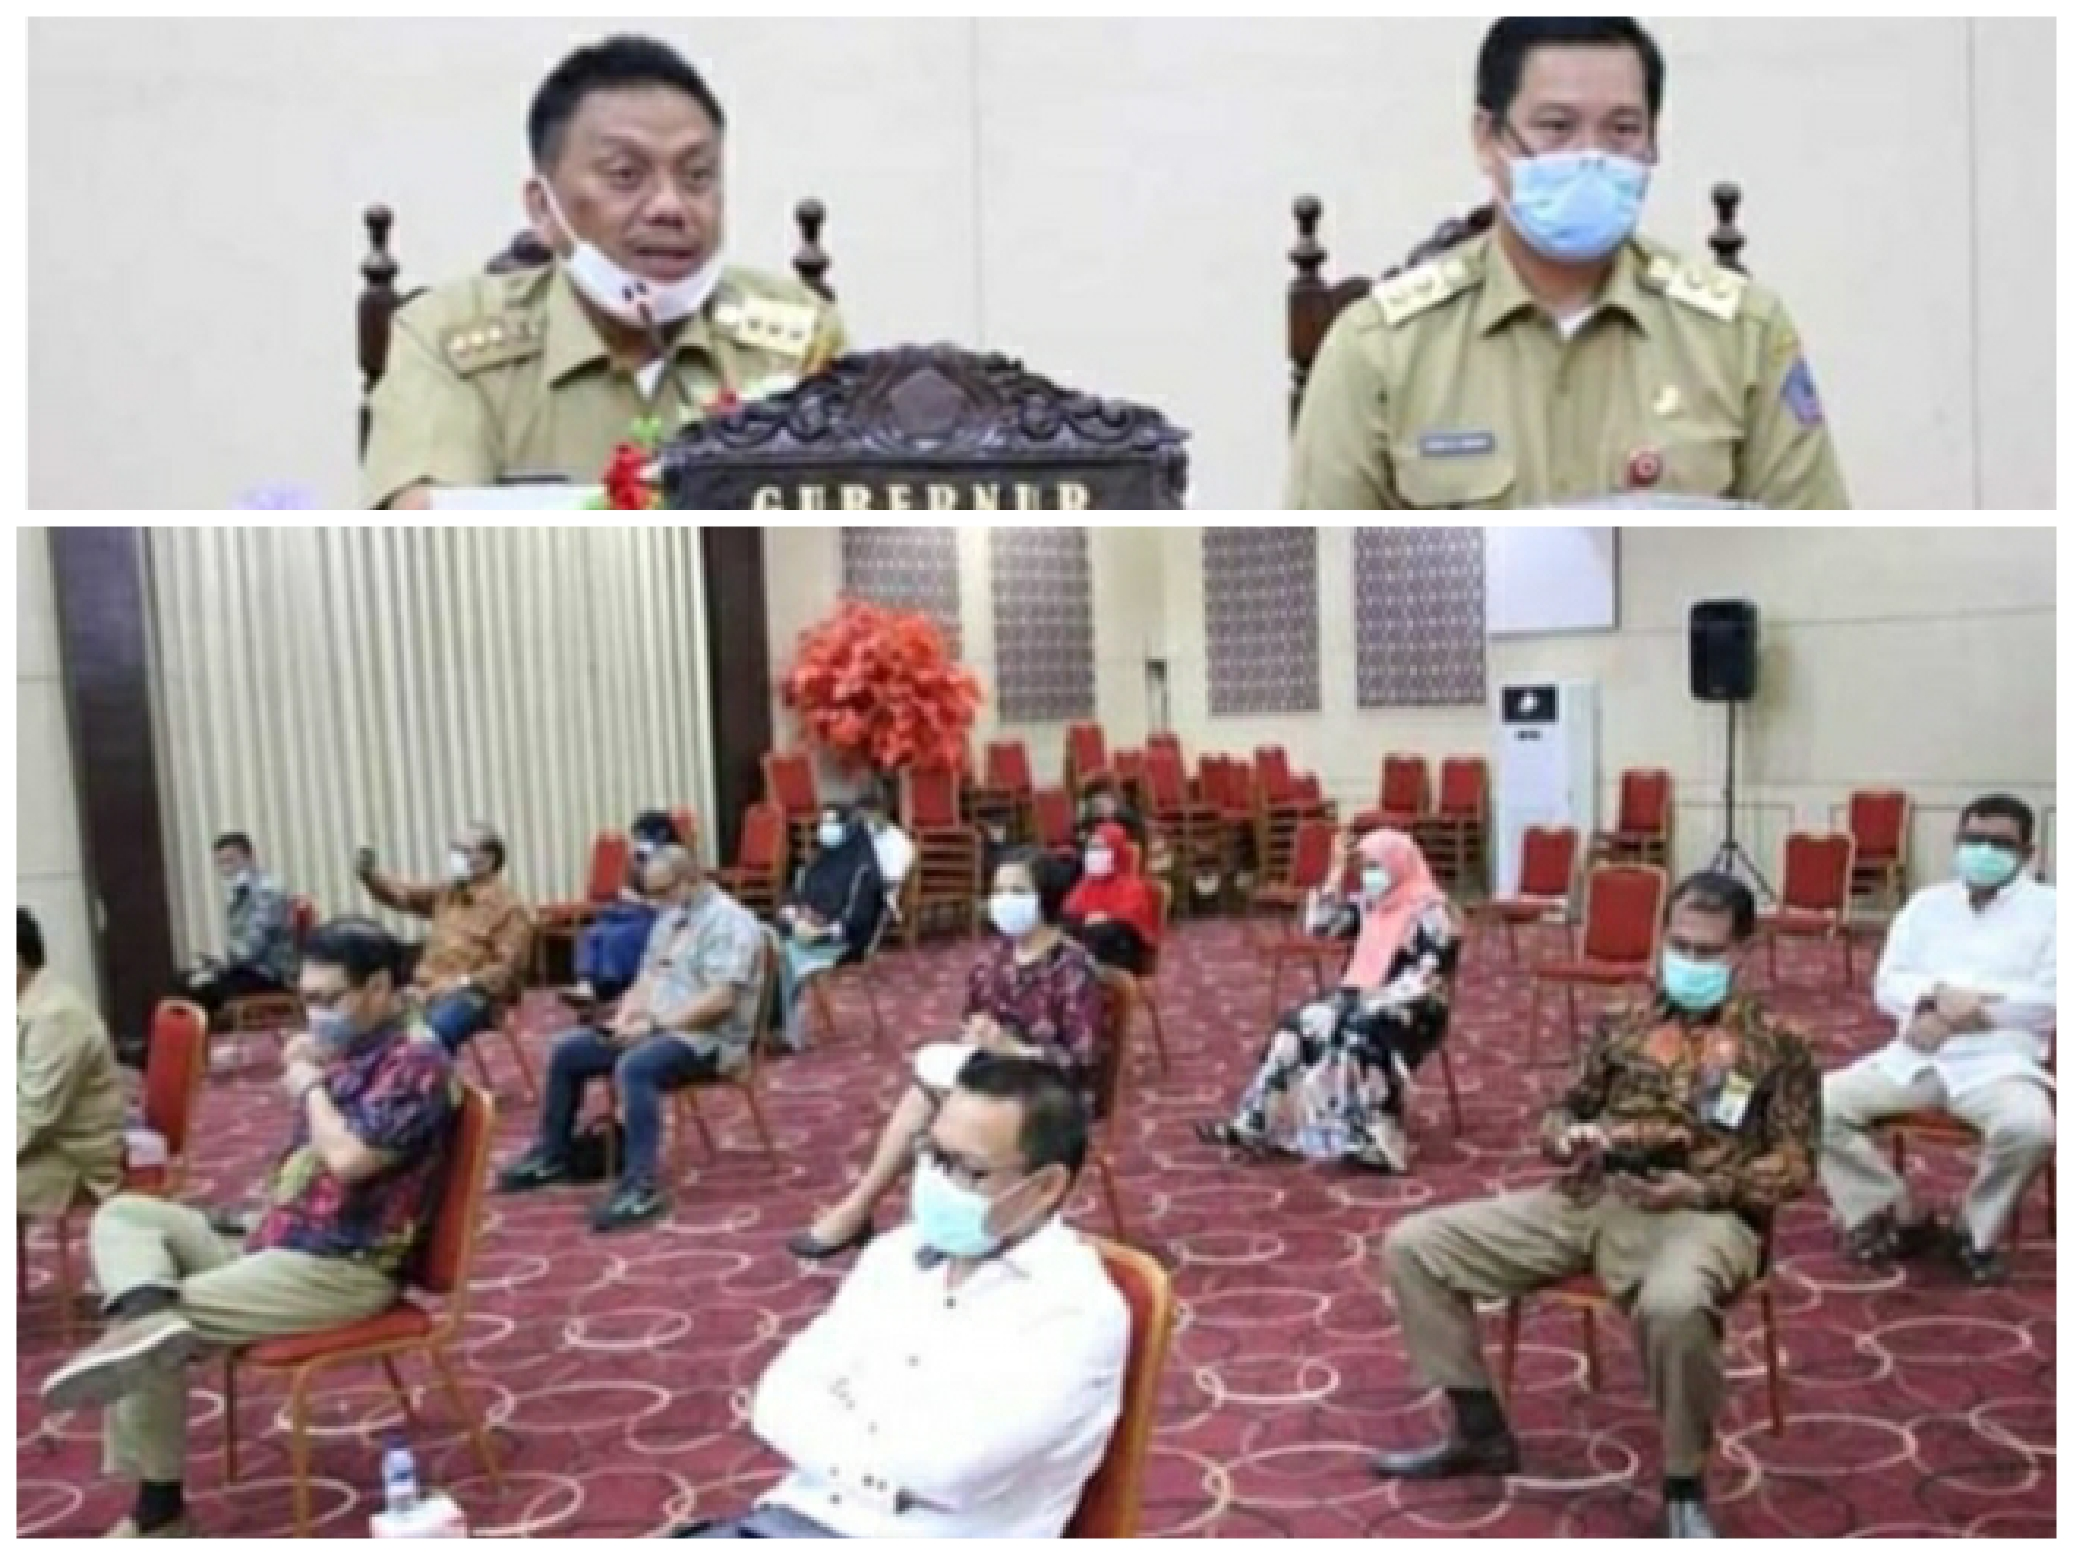 OD-SK Gelar Pertemuan Bersama Tokoh Agama Bahas Pencegahan Wabah Covid-19